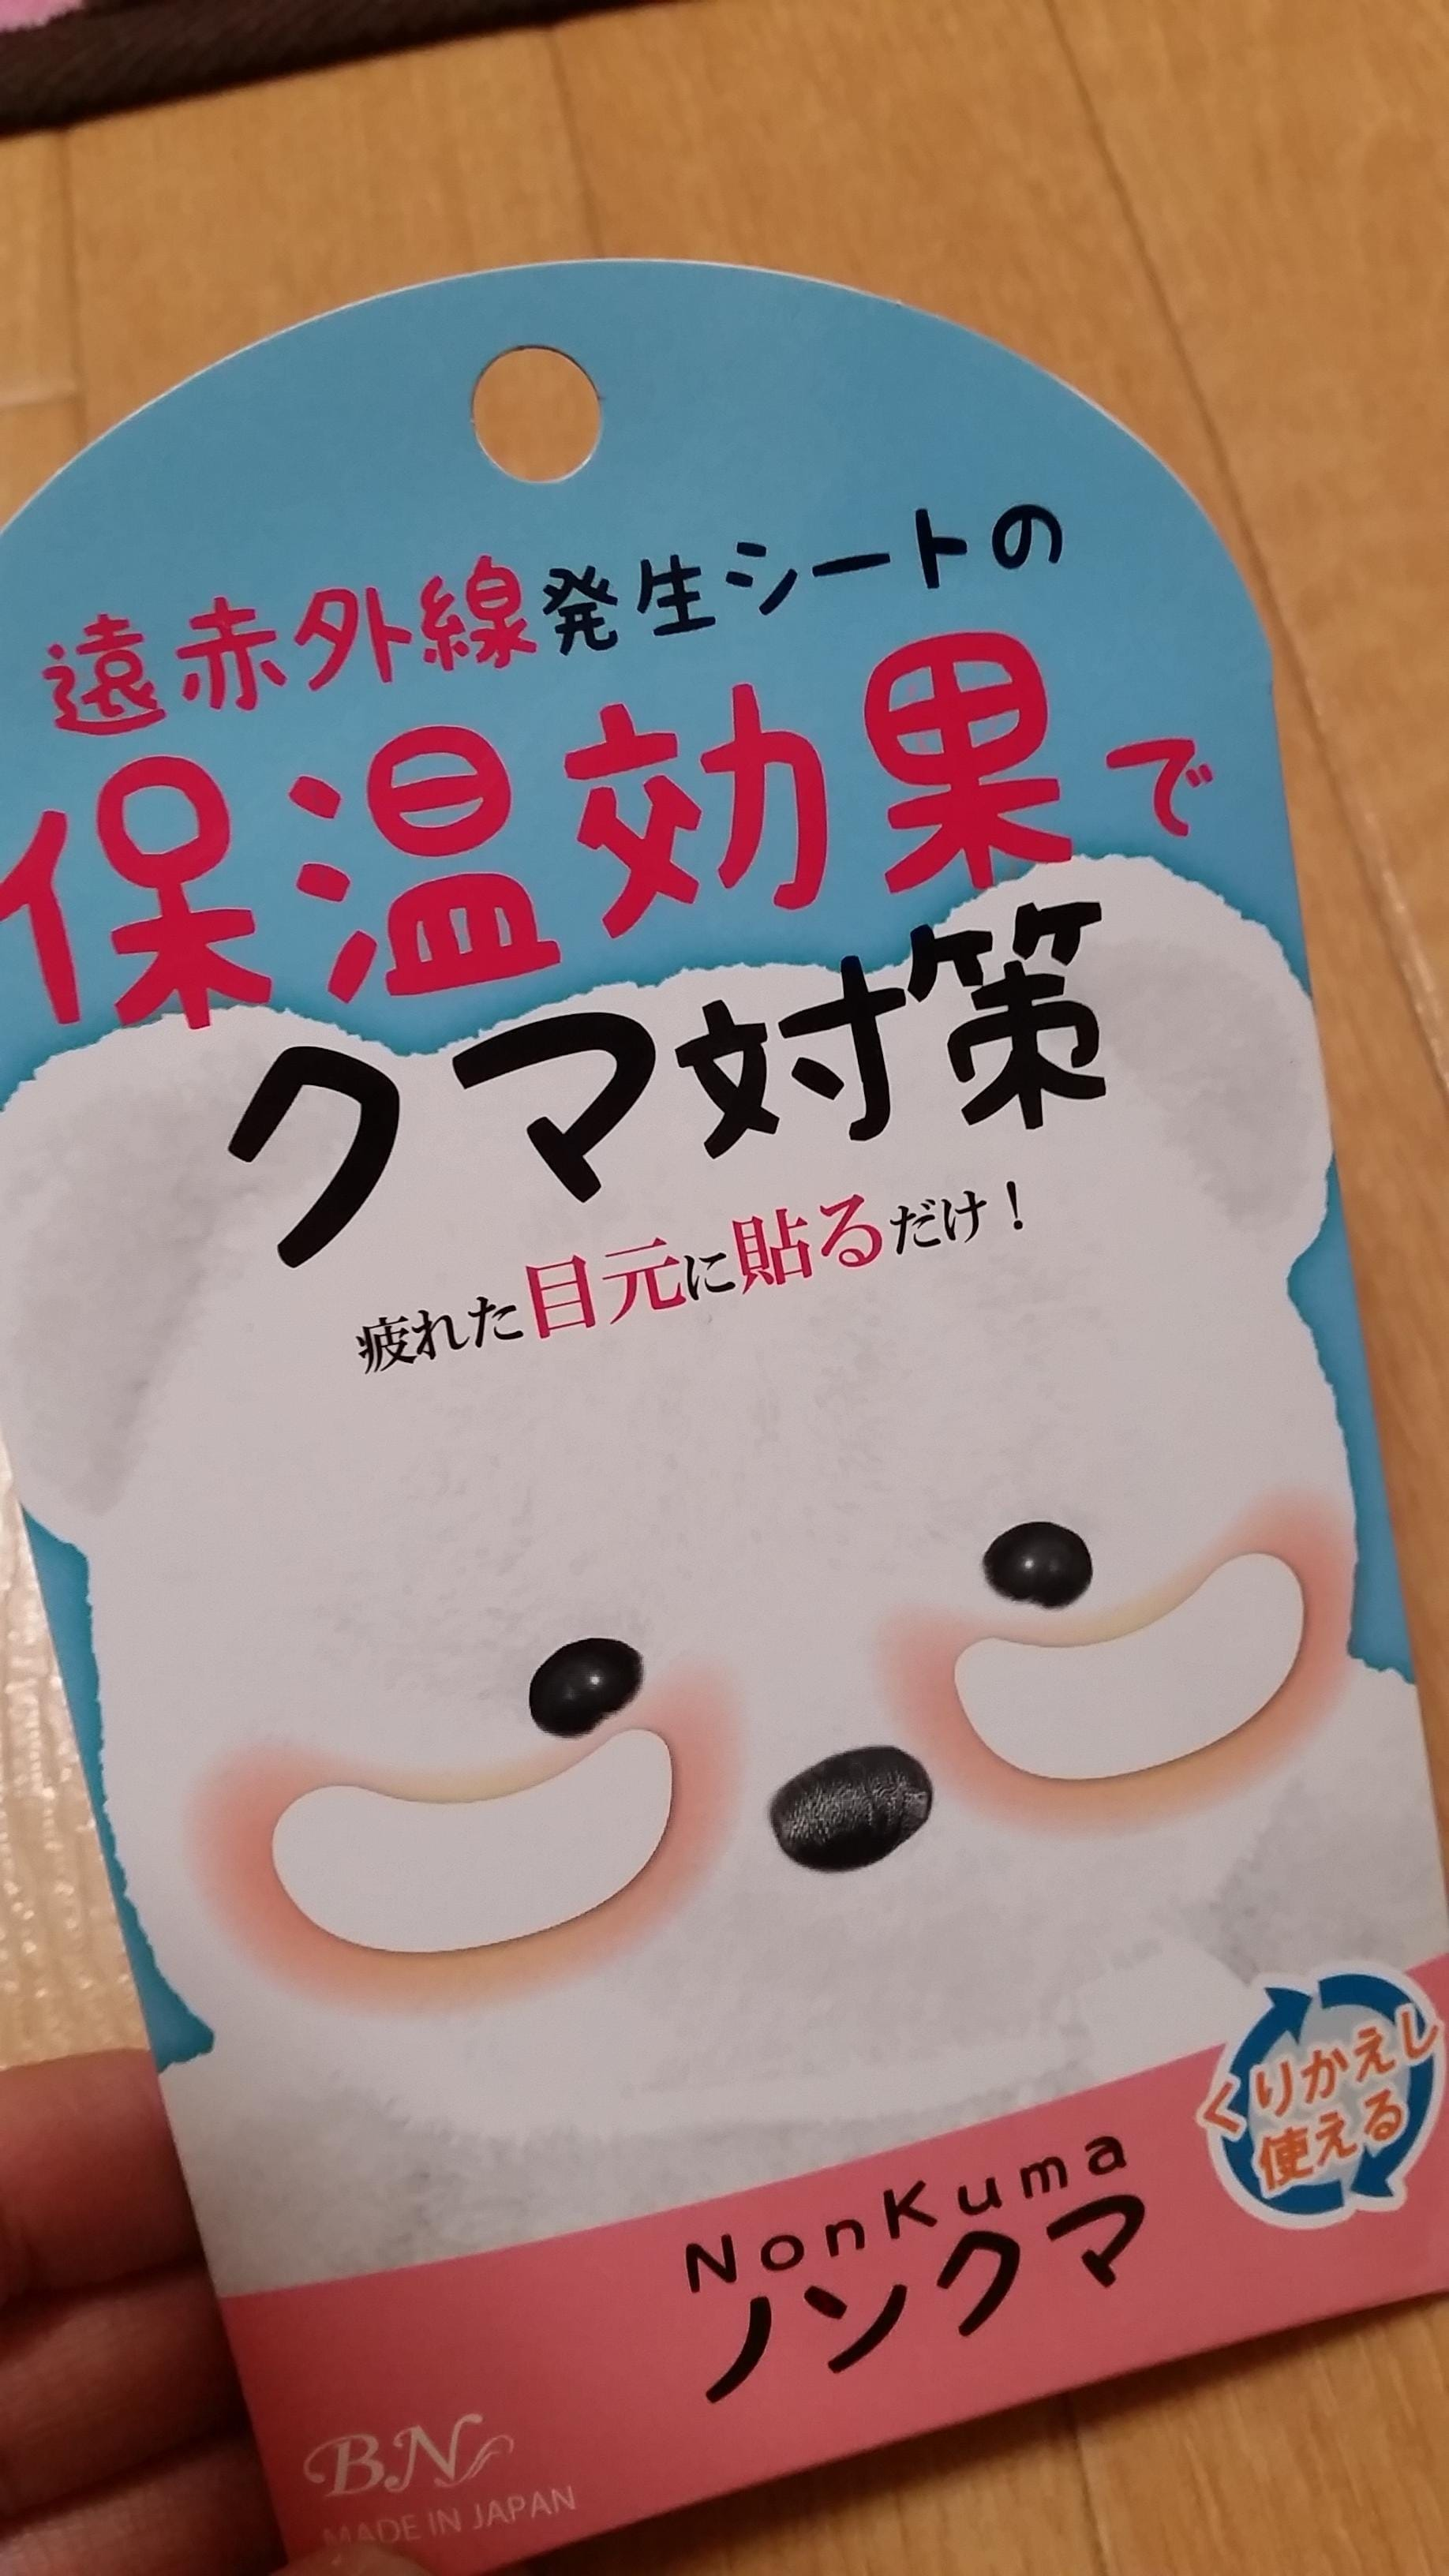 「試しに(^v^)」08/03(火) 20:30   桐谷 香織の写メ日記